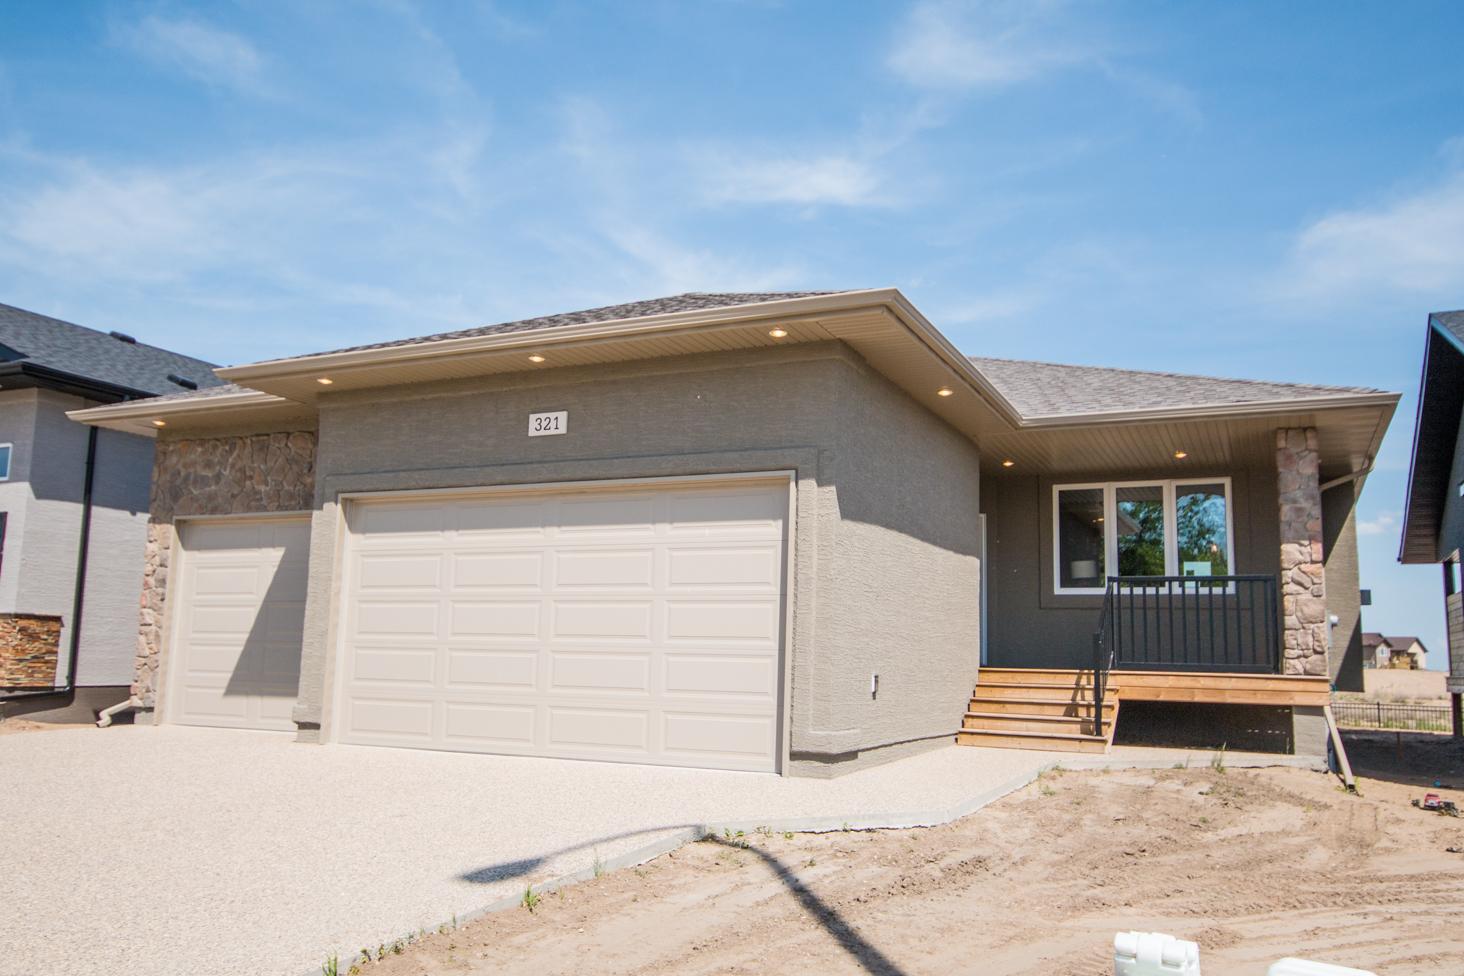 321 Butte Street - Exterior - Pilot Butte - Regina Home Builder